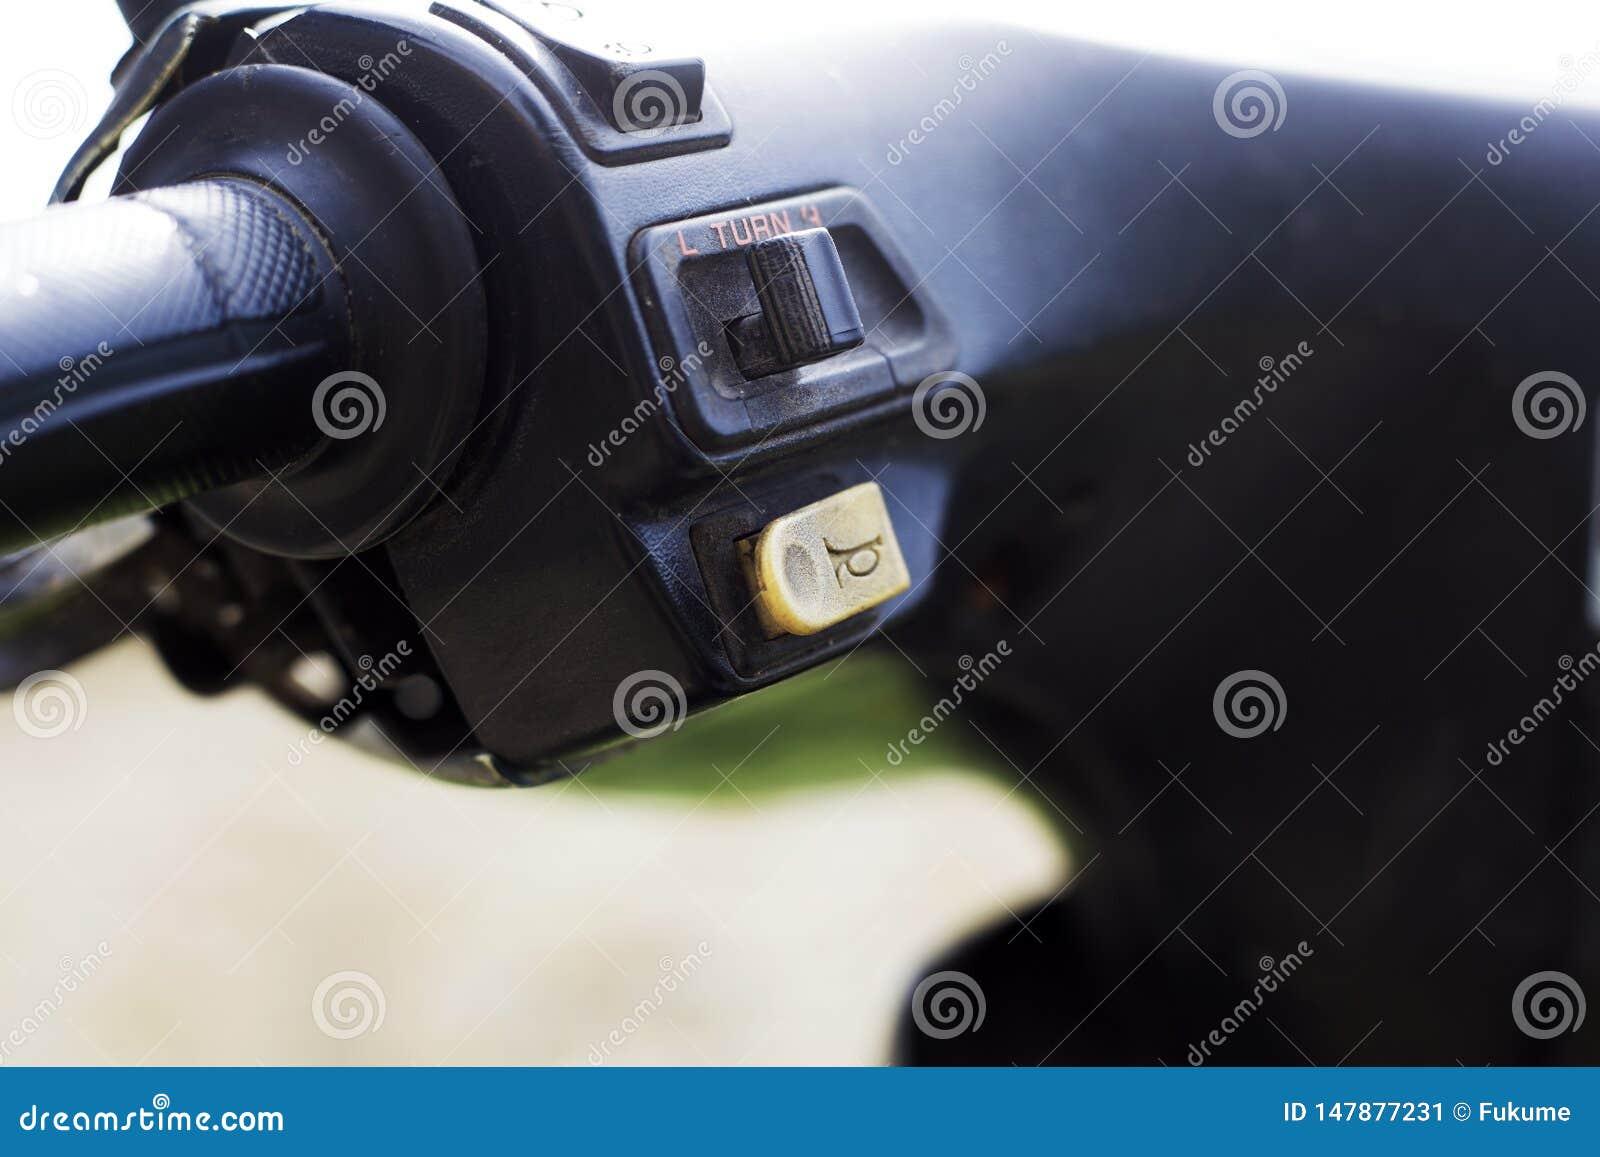 Кнопка рожка скутера на руле